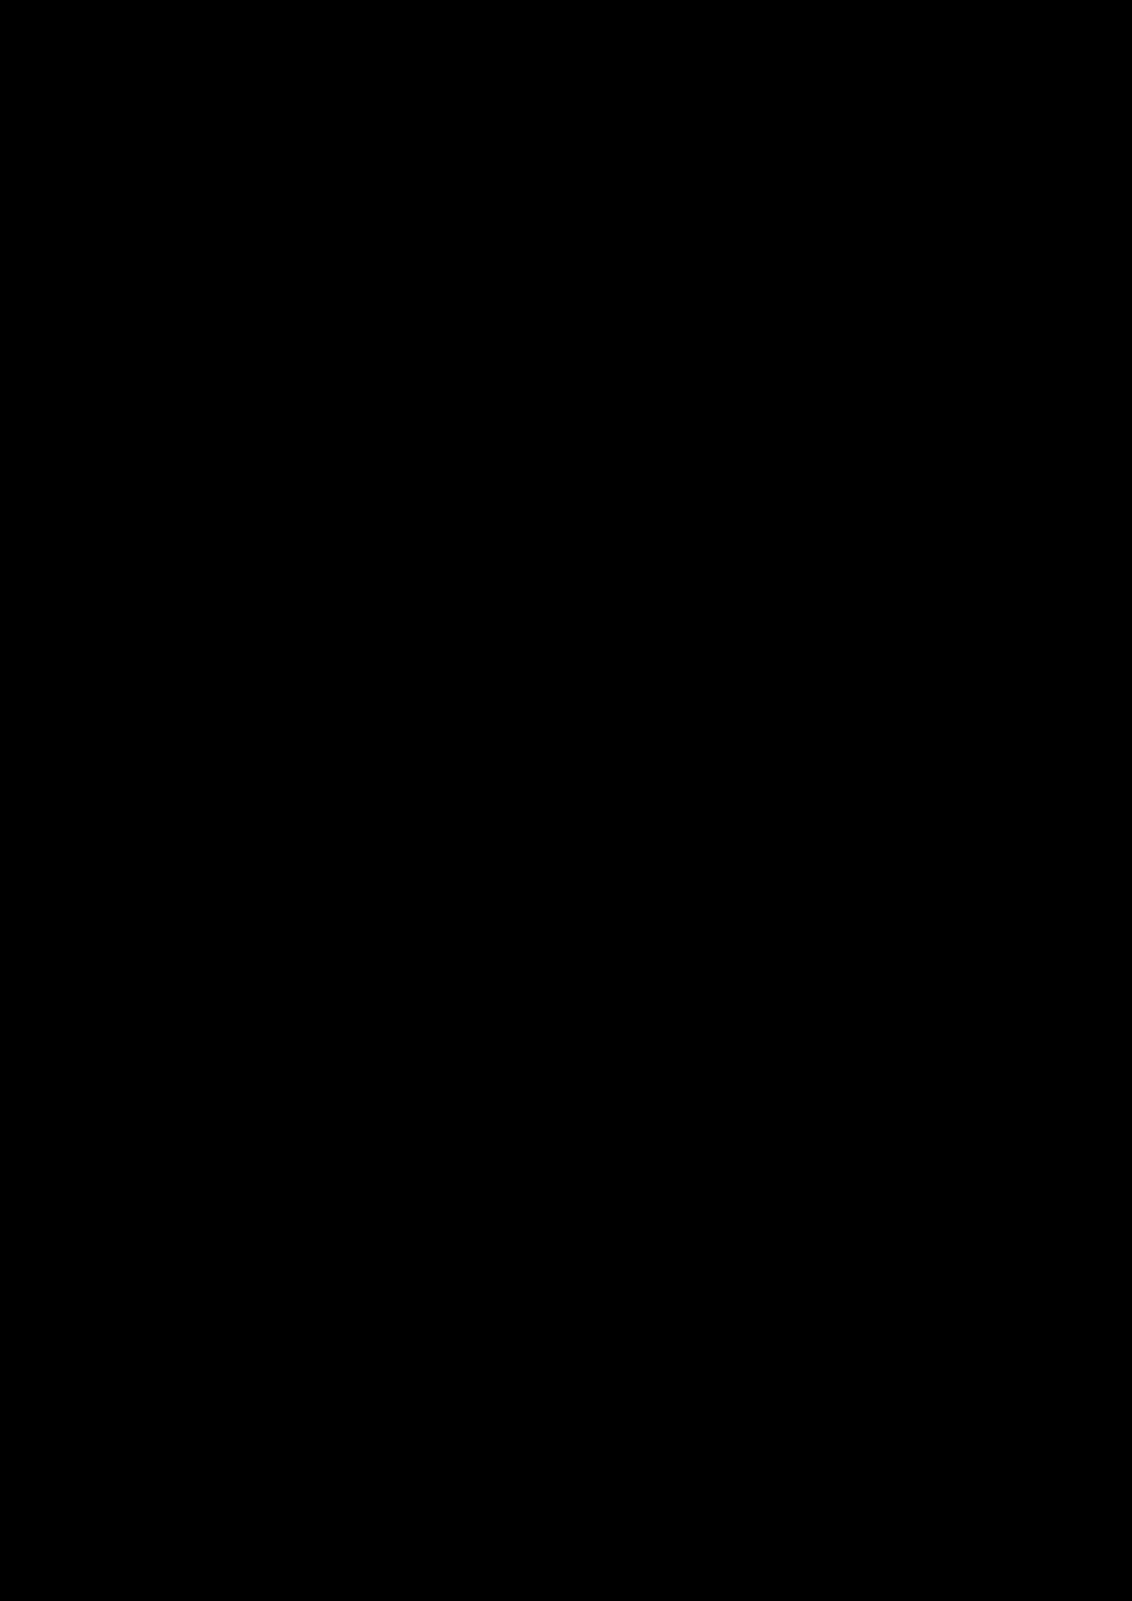 Serdtse slide, Image 54